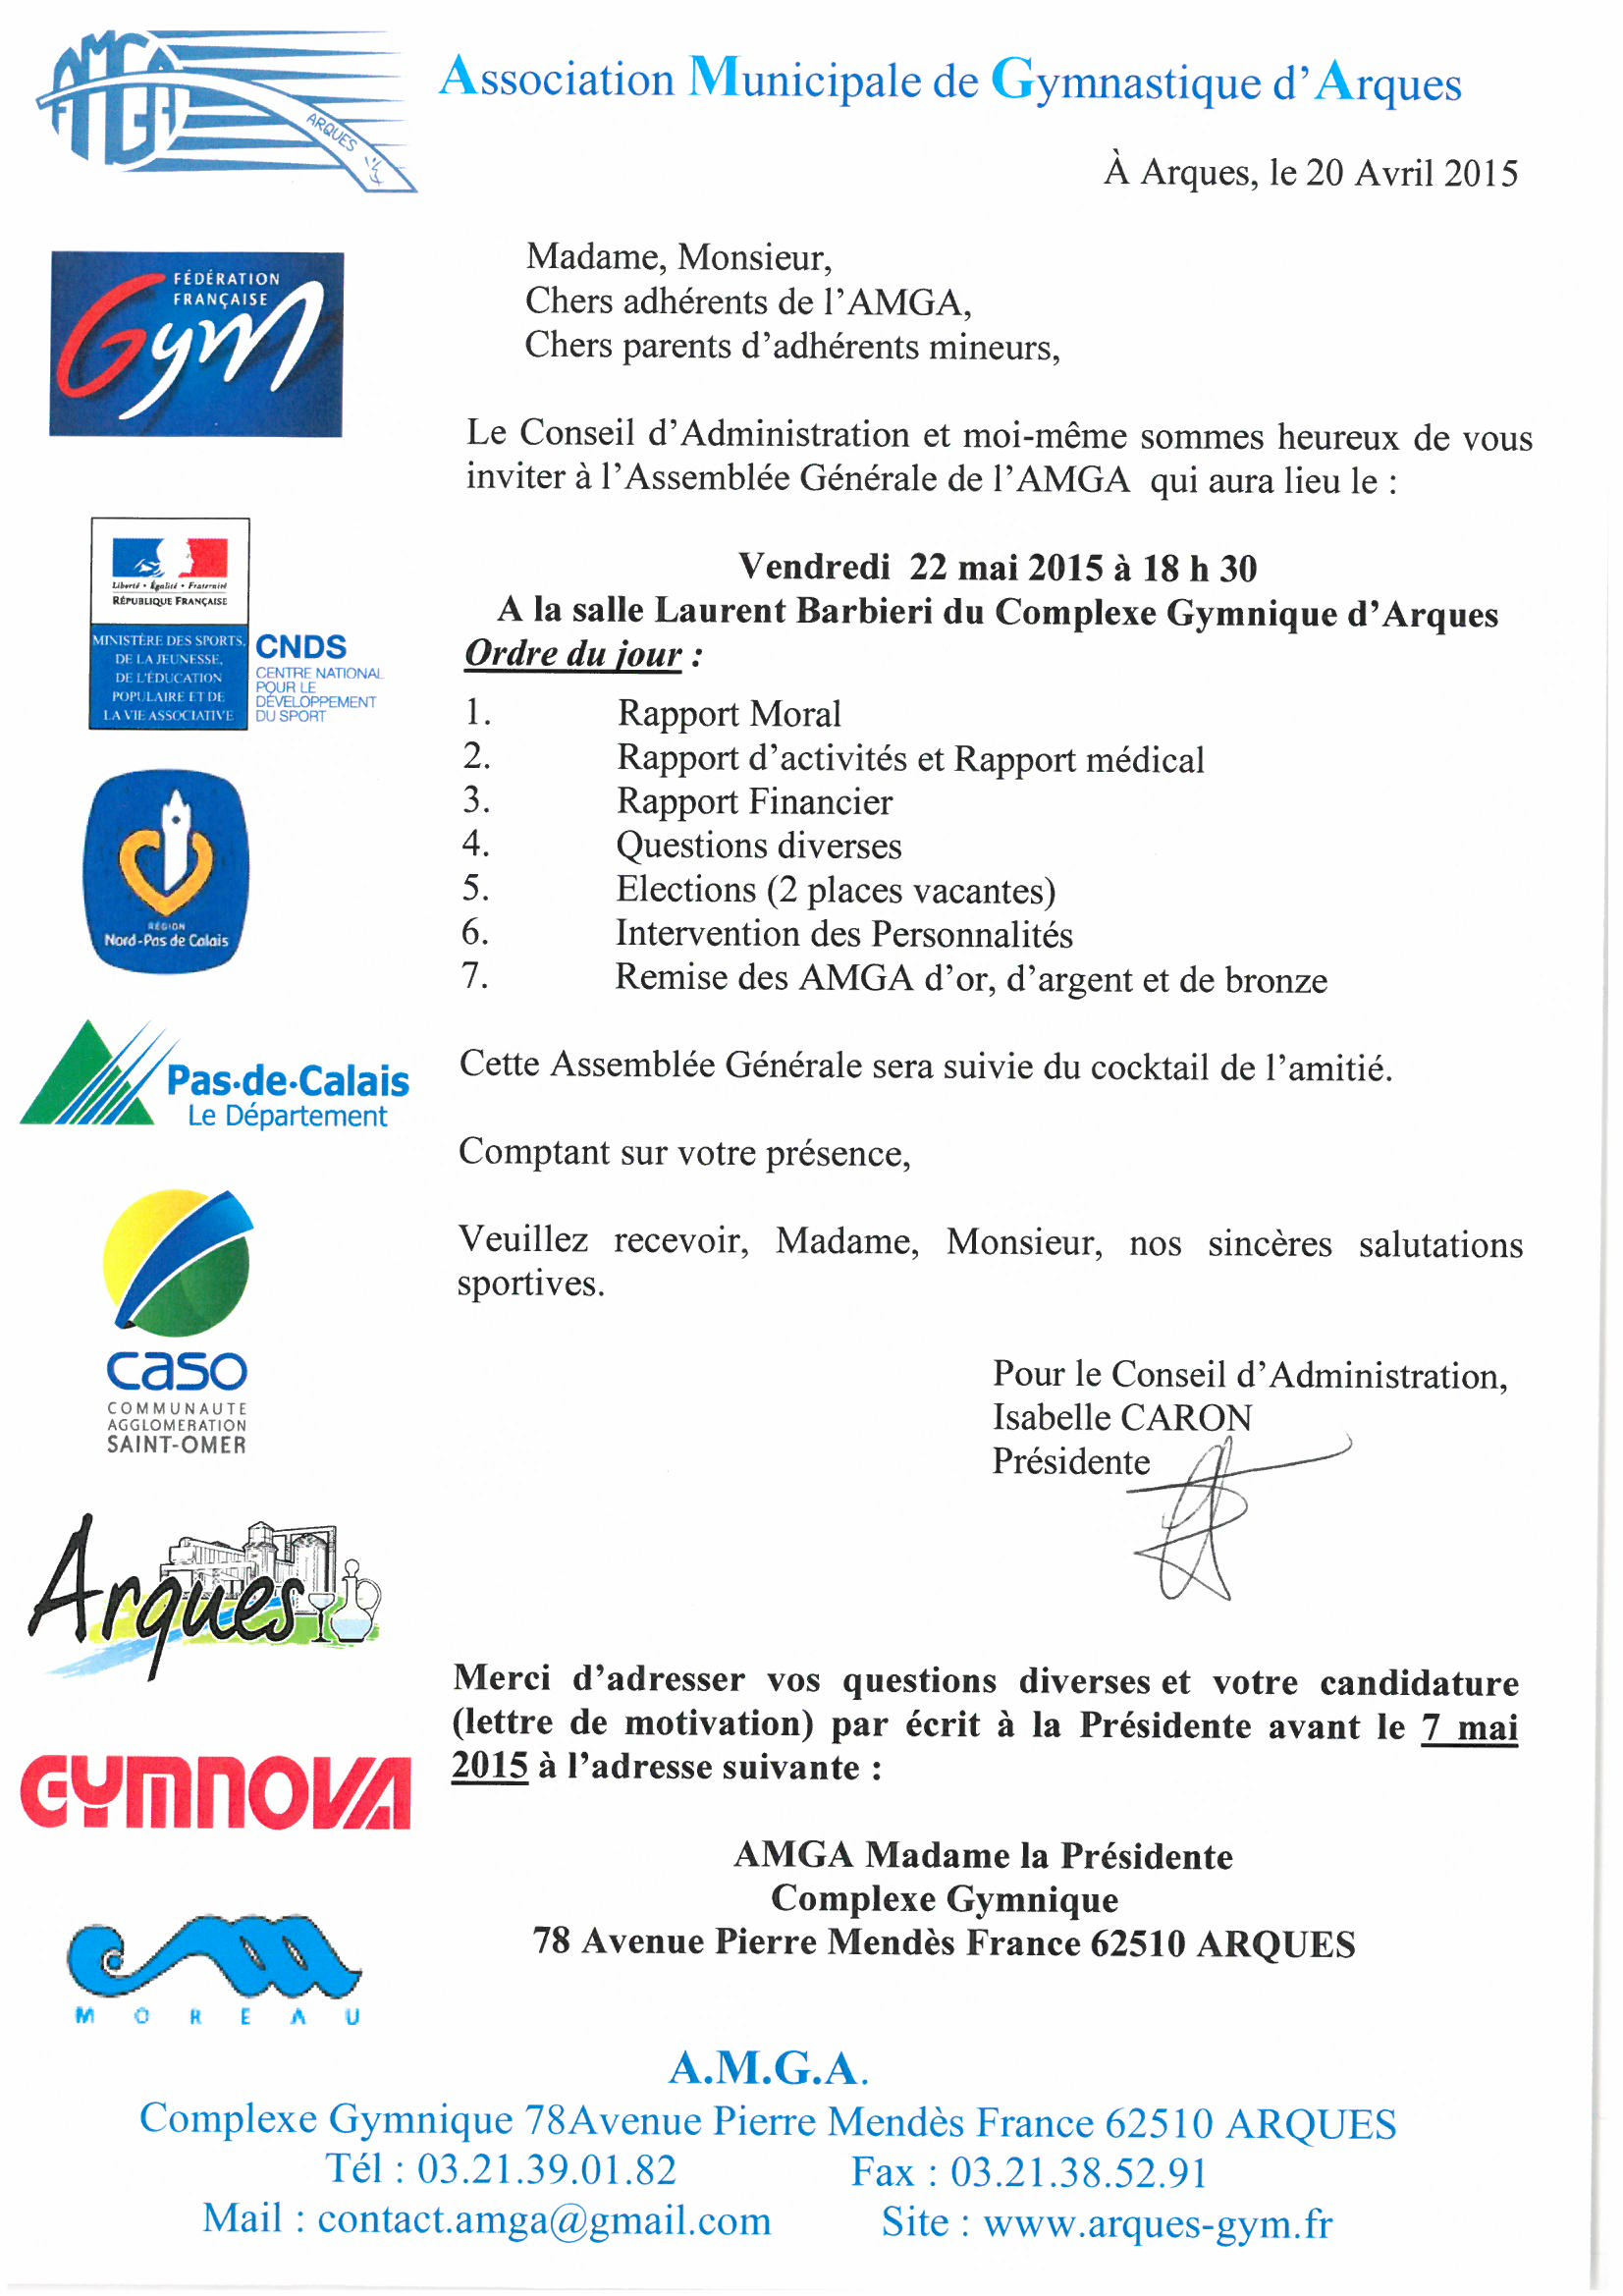 Convocation Assemblée Générale de l'AMGA et appel à candidature